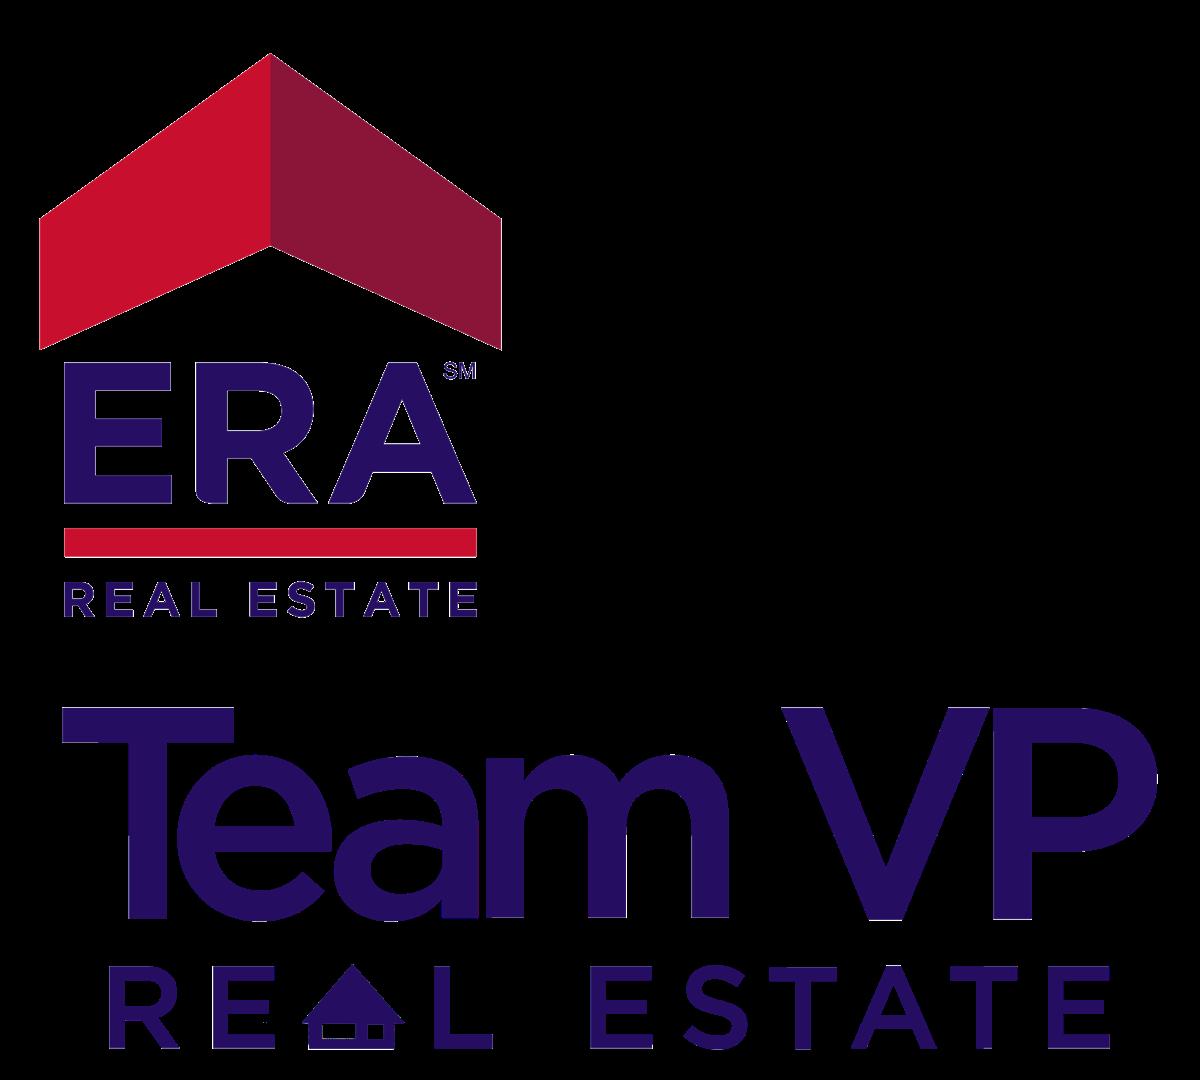 ERA Team VP Real Estate - Ellicottville Office